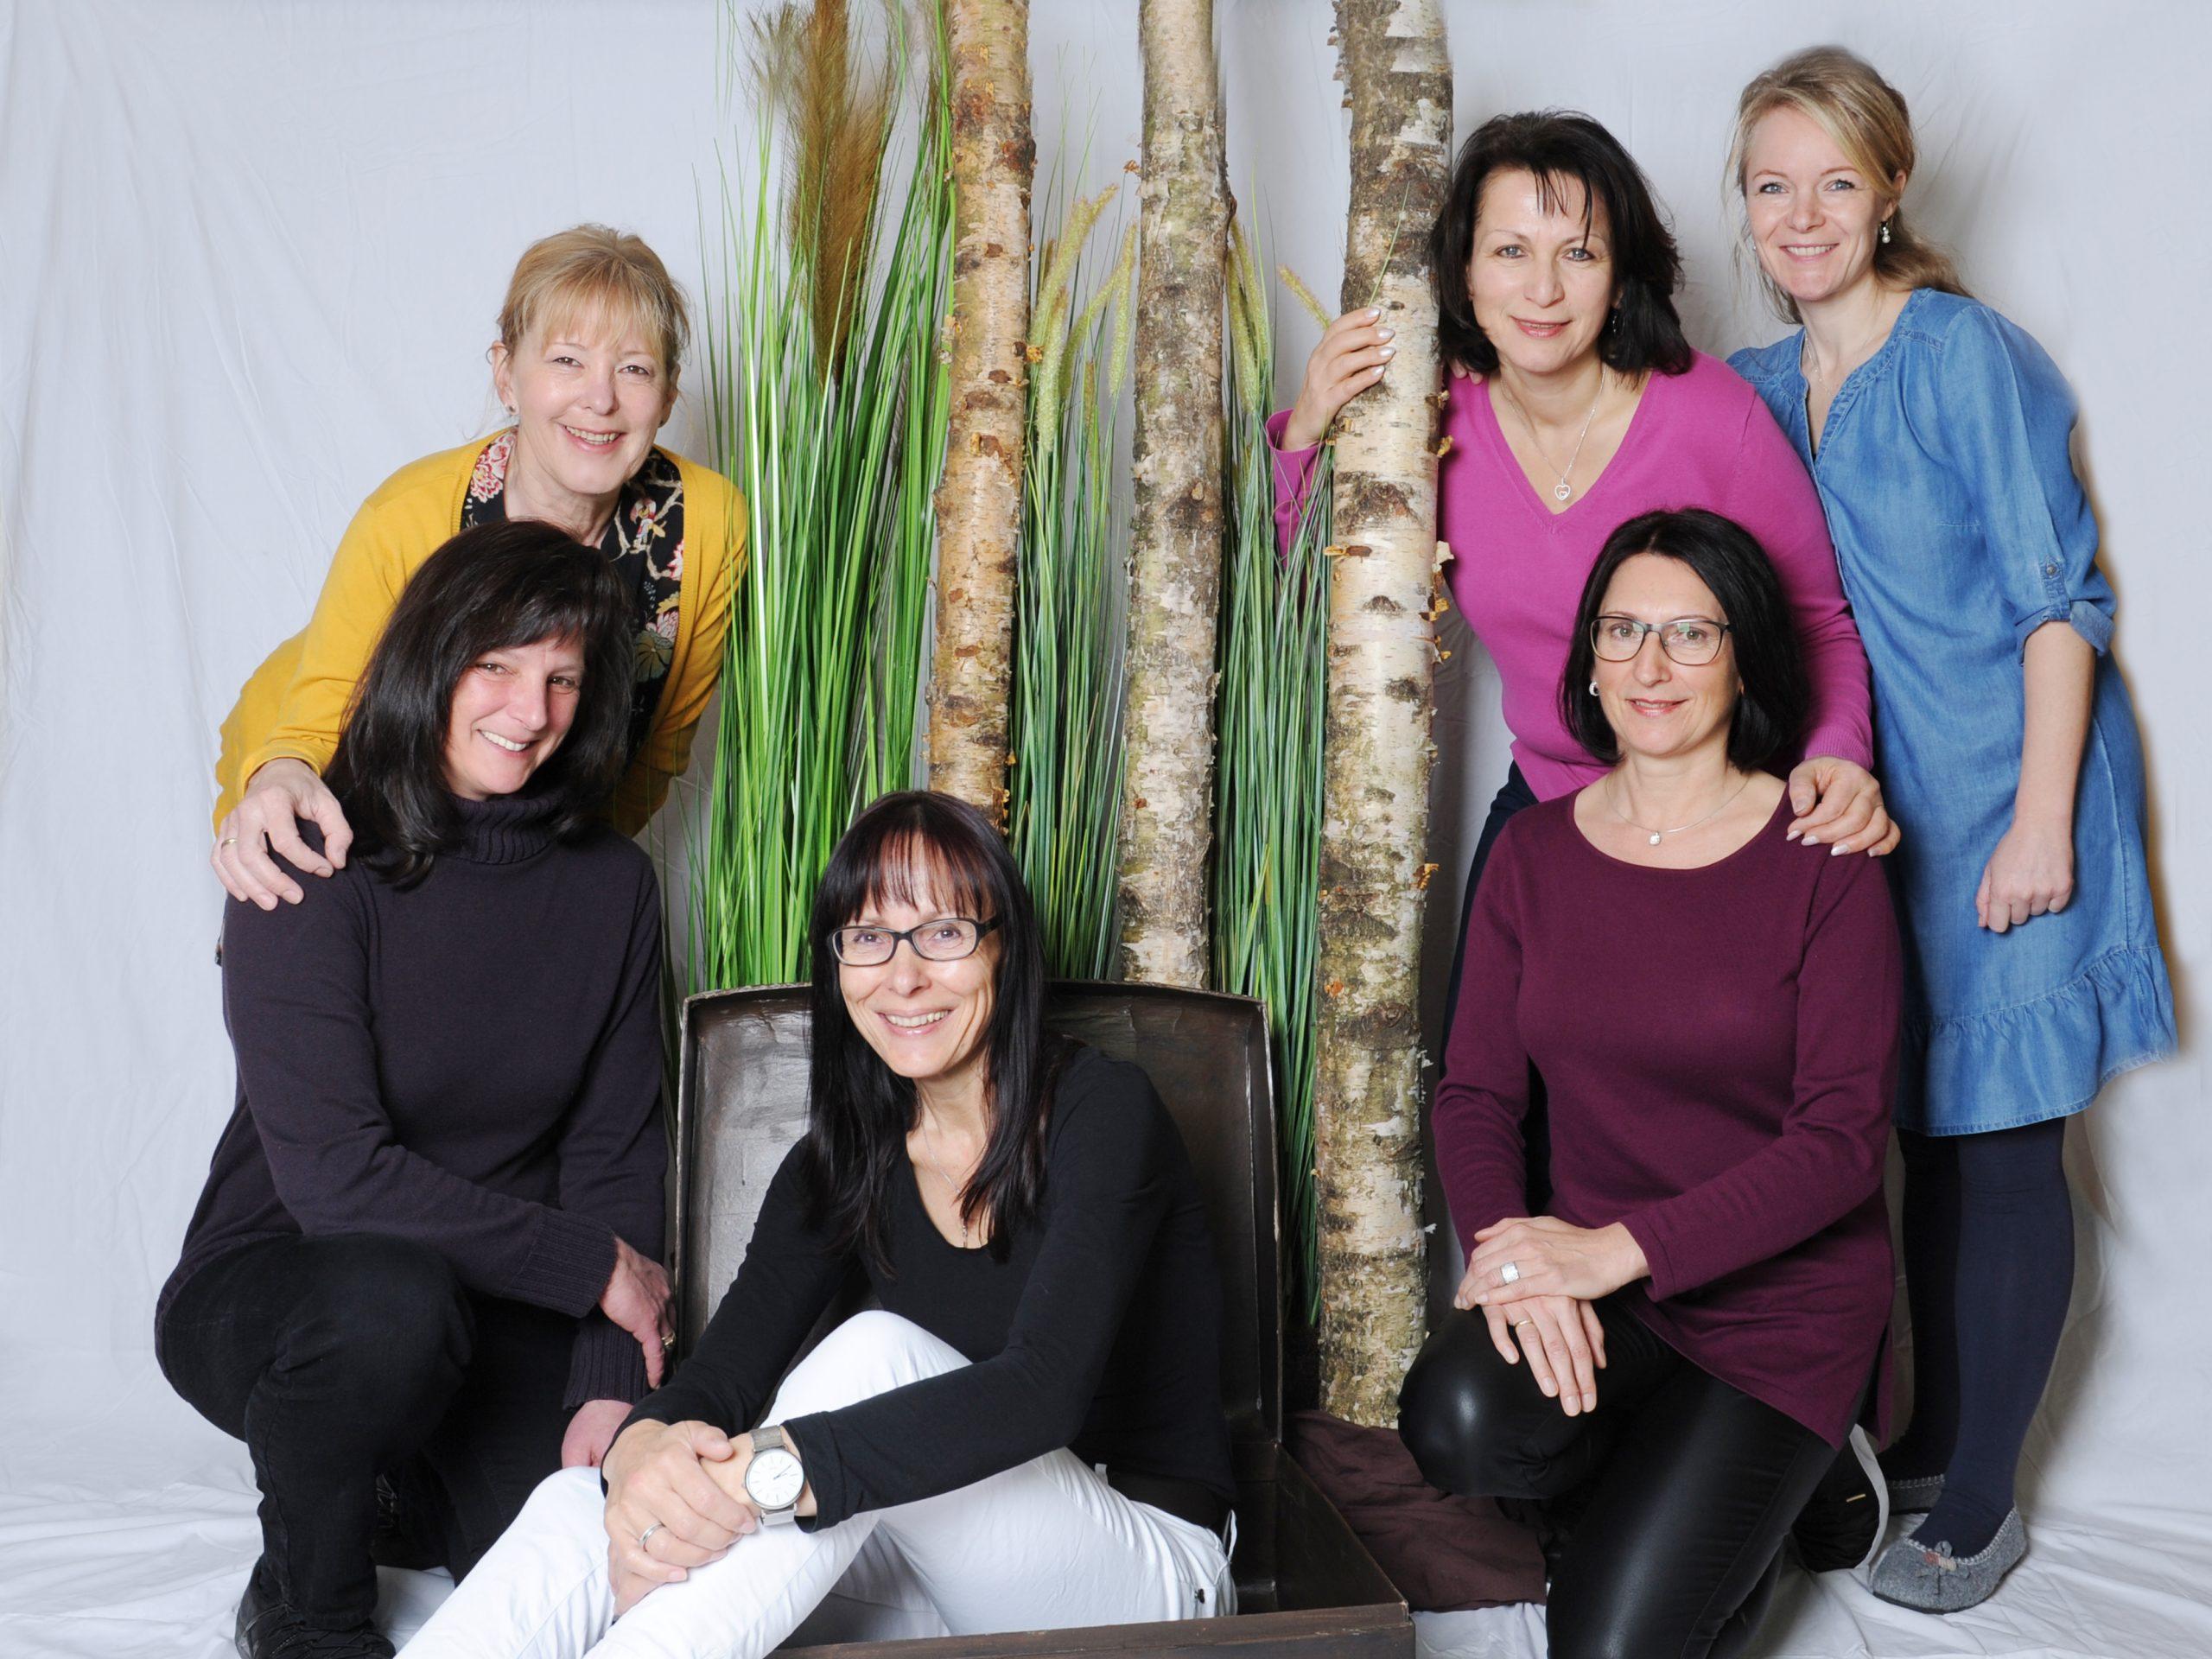 v.l.n.r.: Helmy Sailer Klug (stehend), Angi Schmid, Ute Stoll, Martina Wagner, Renate Bezel (stehend) und Marion Sewald (stehend)